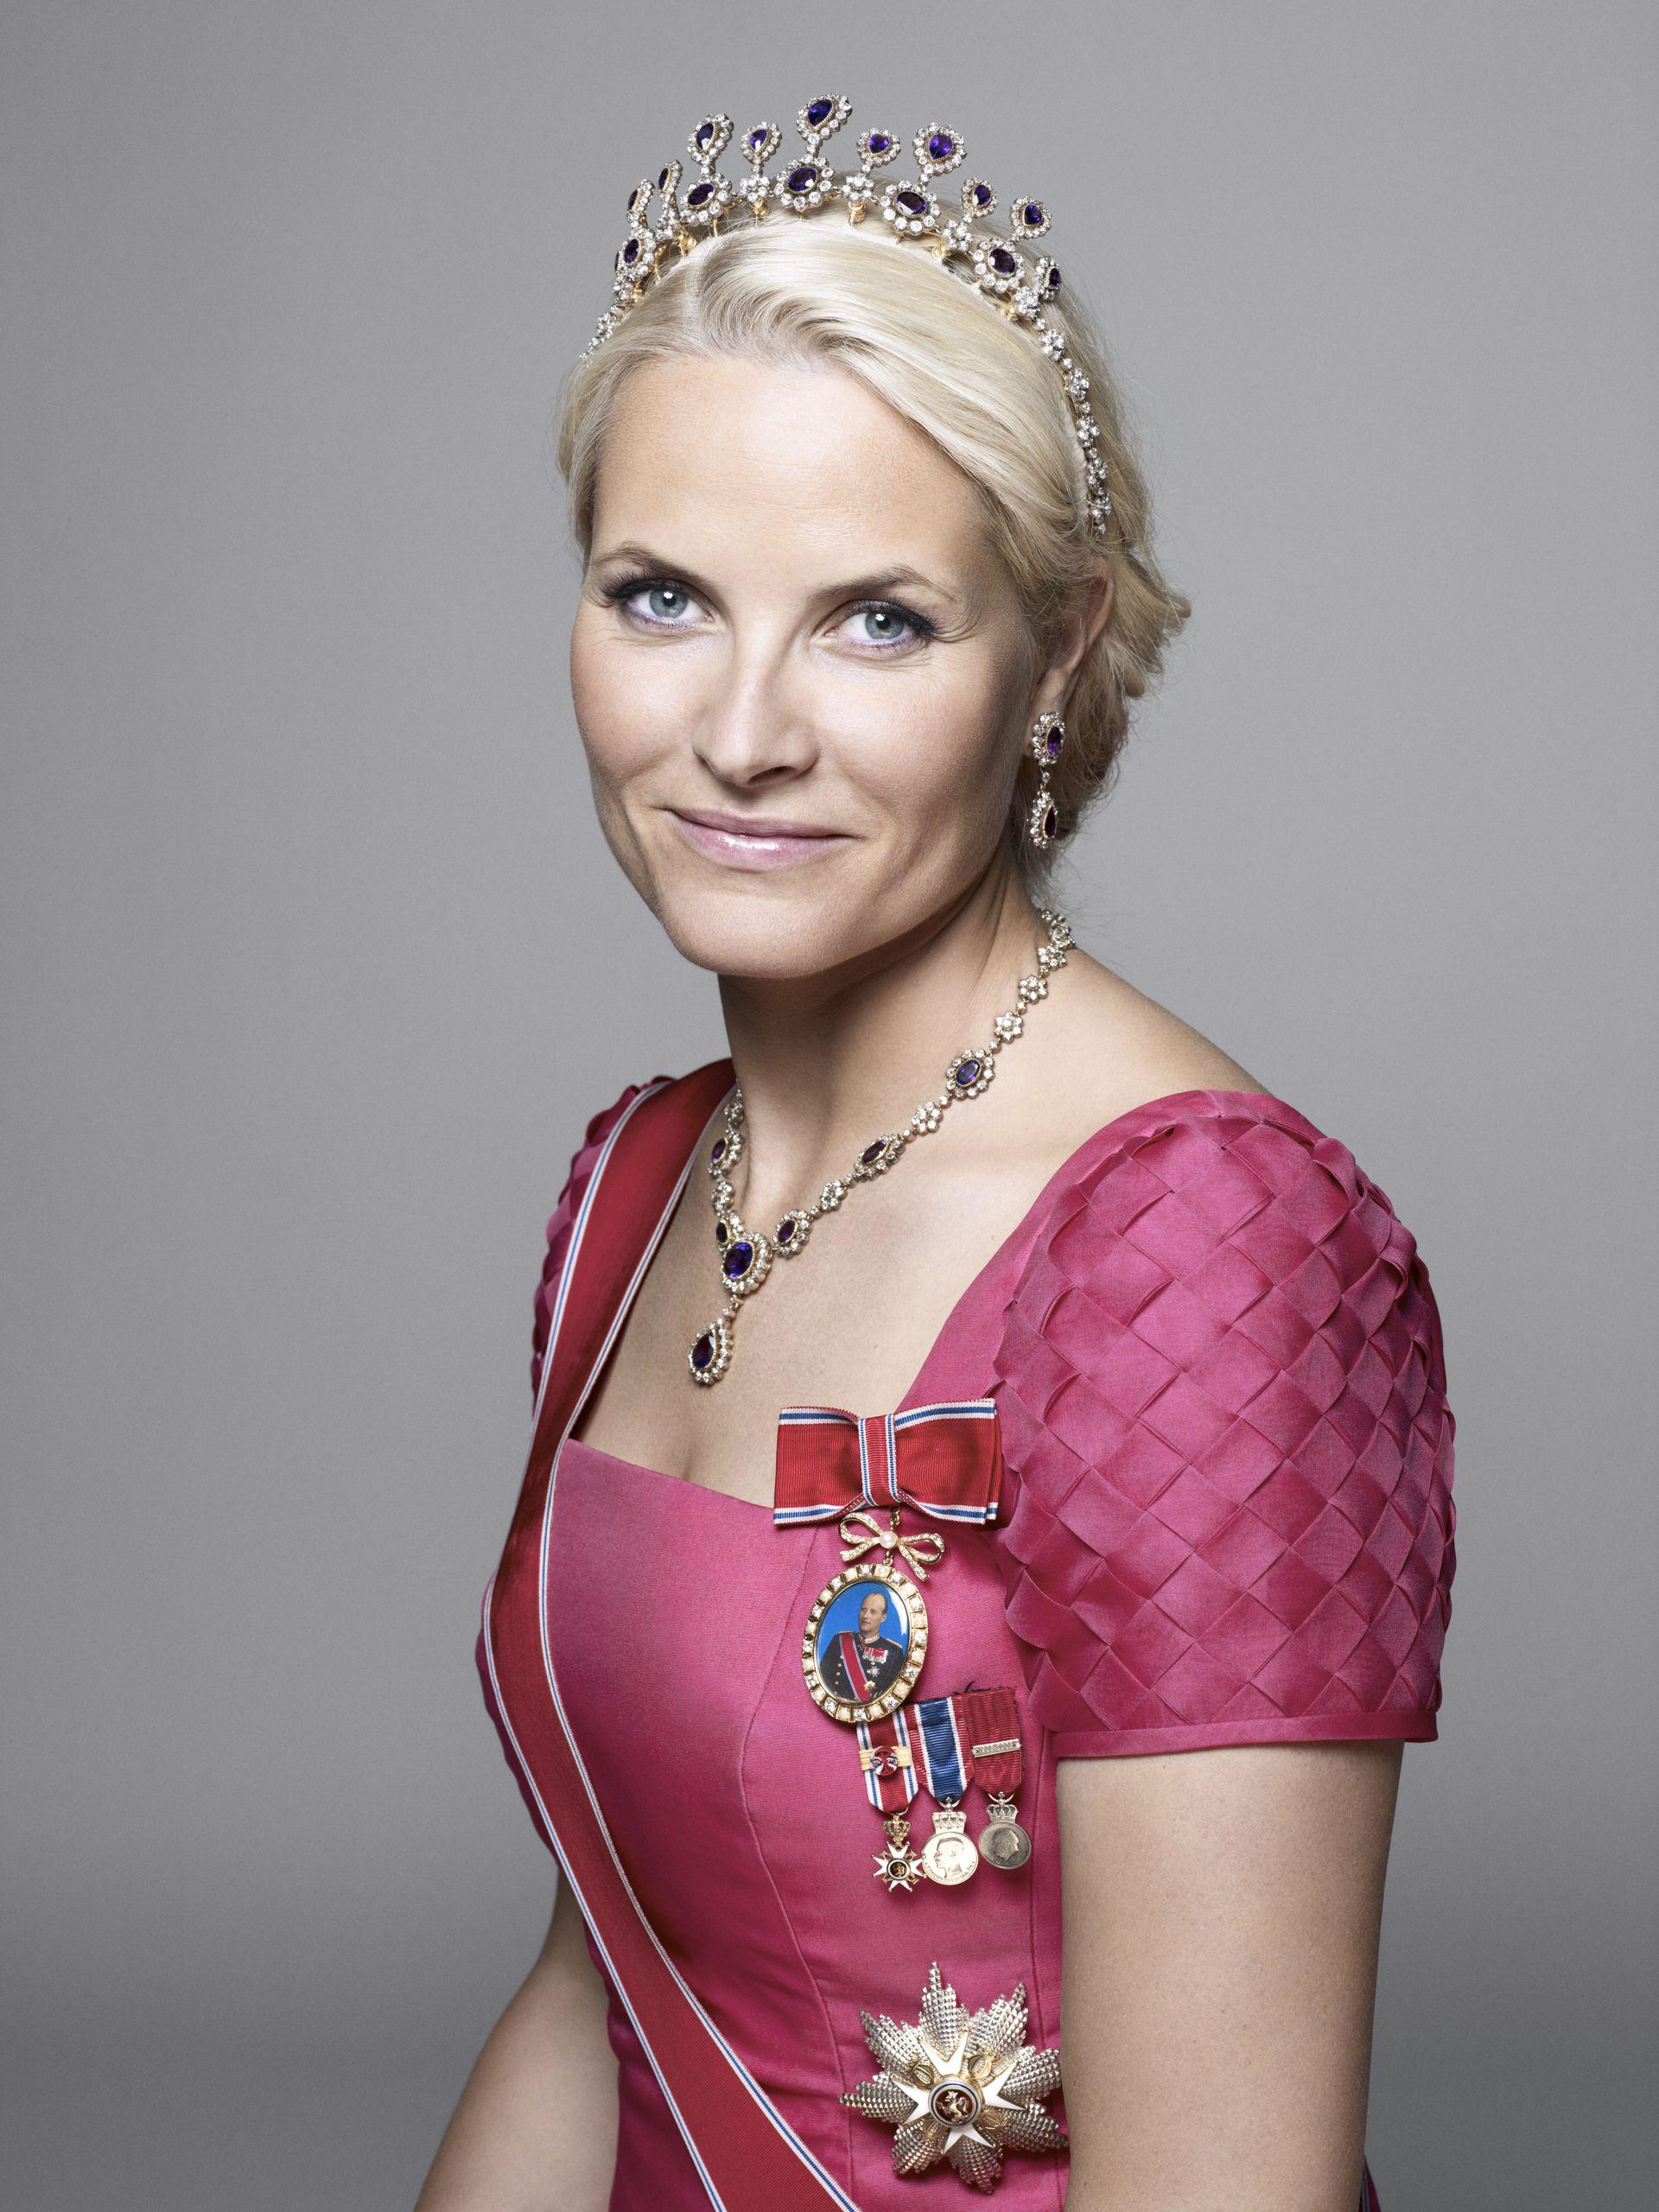 Un retrato oficial de la princesa Mette-Marit de Noruega.